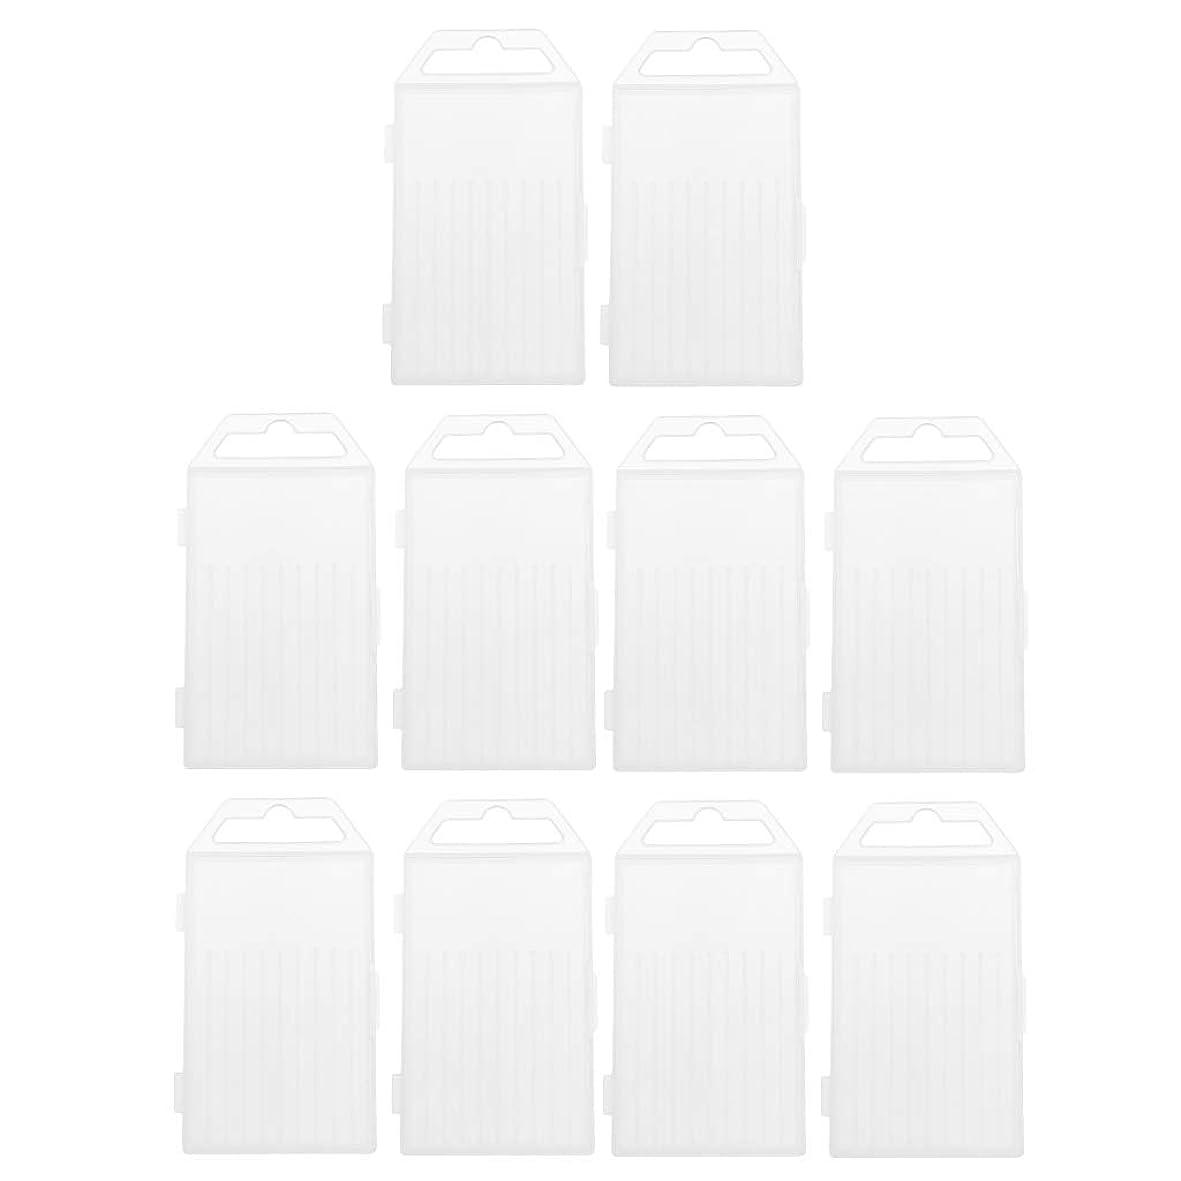 不規則性排除逆さまにsharprepublic ドリルボックス ツールボックス 収納ボックス 収納容器パッケージ 多機能 透明 便利 約10個入り